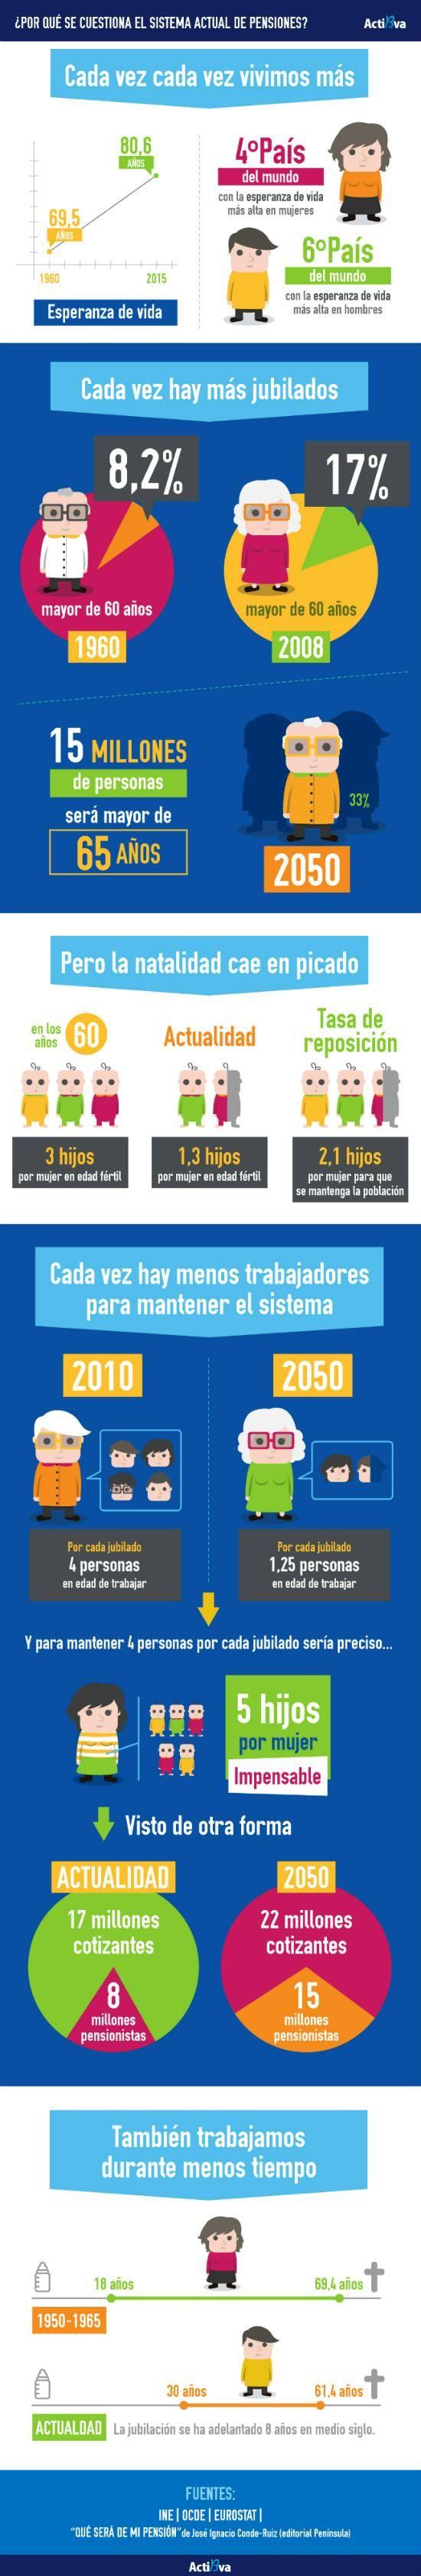 Infografía. ¿Por qué se cuestiona el sistema actual de pensiones? #empleo #dinero #economia